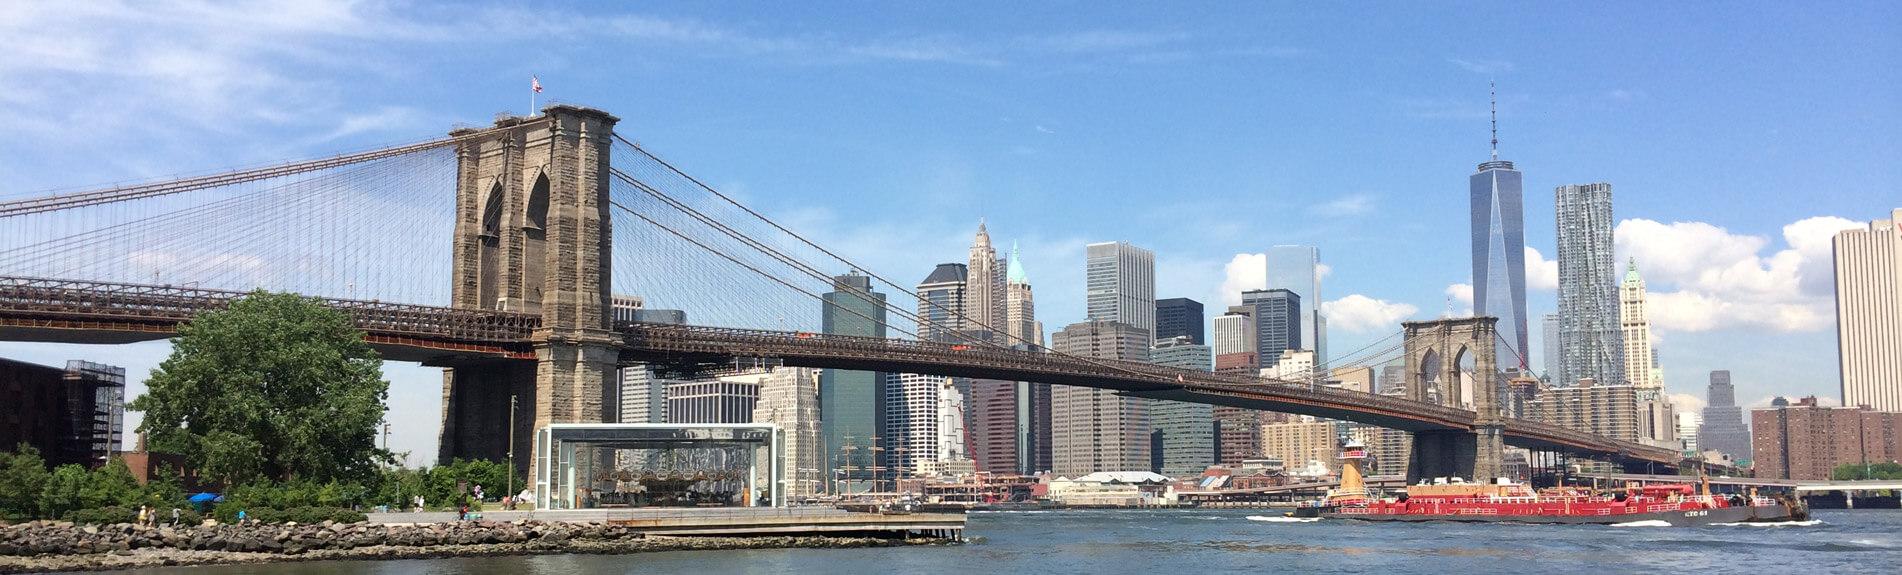 NY-slider-bbridge